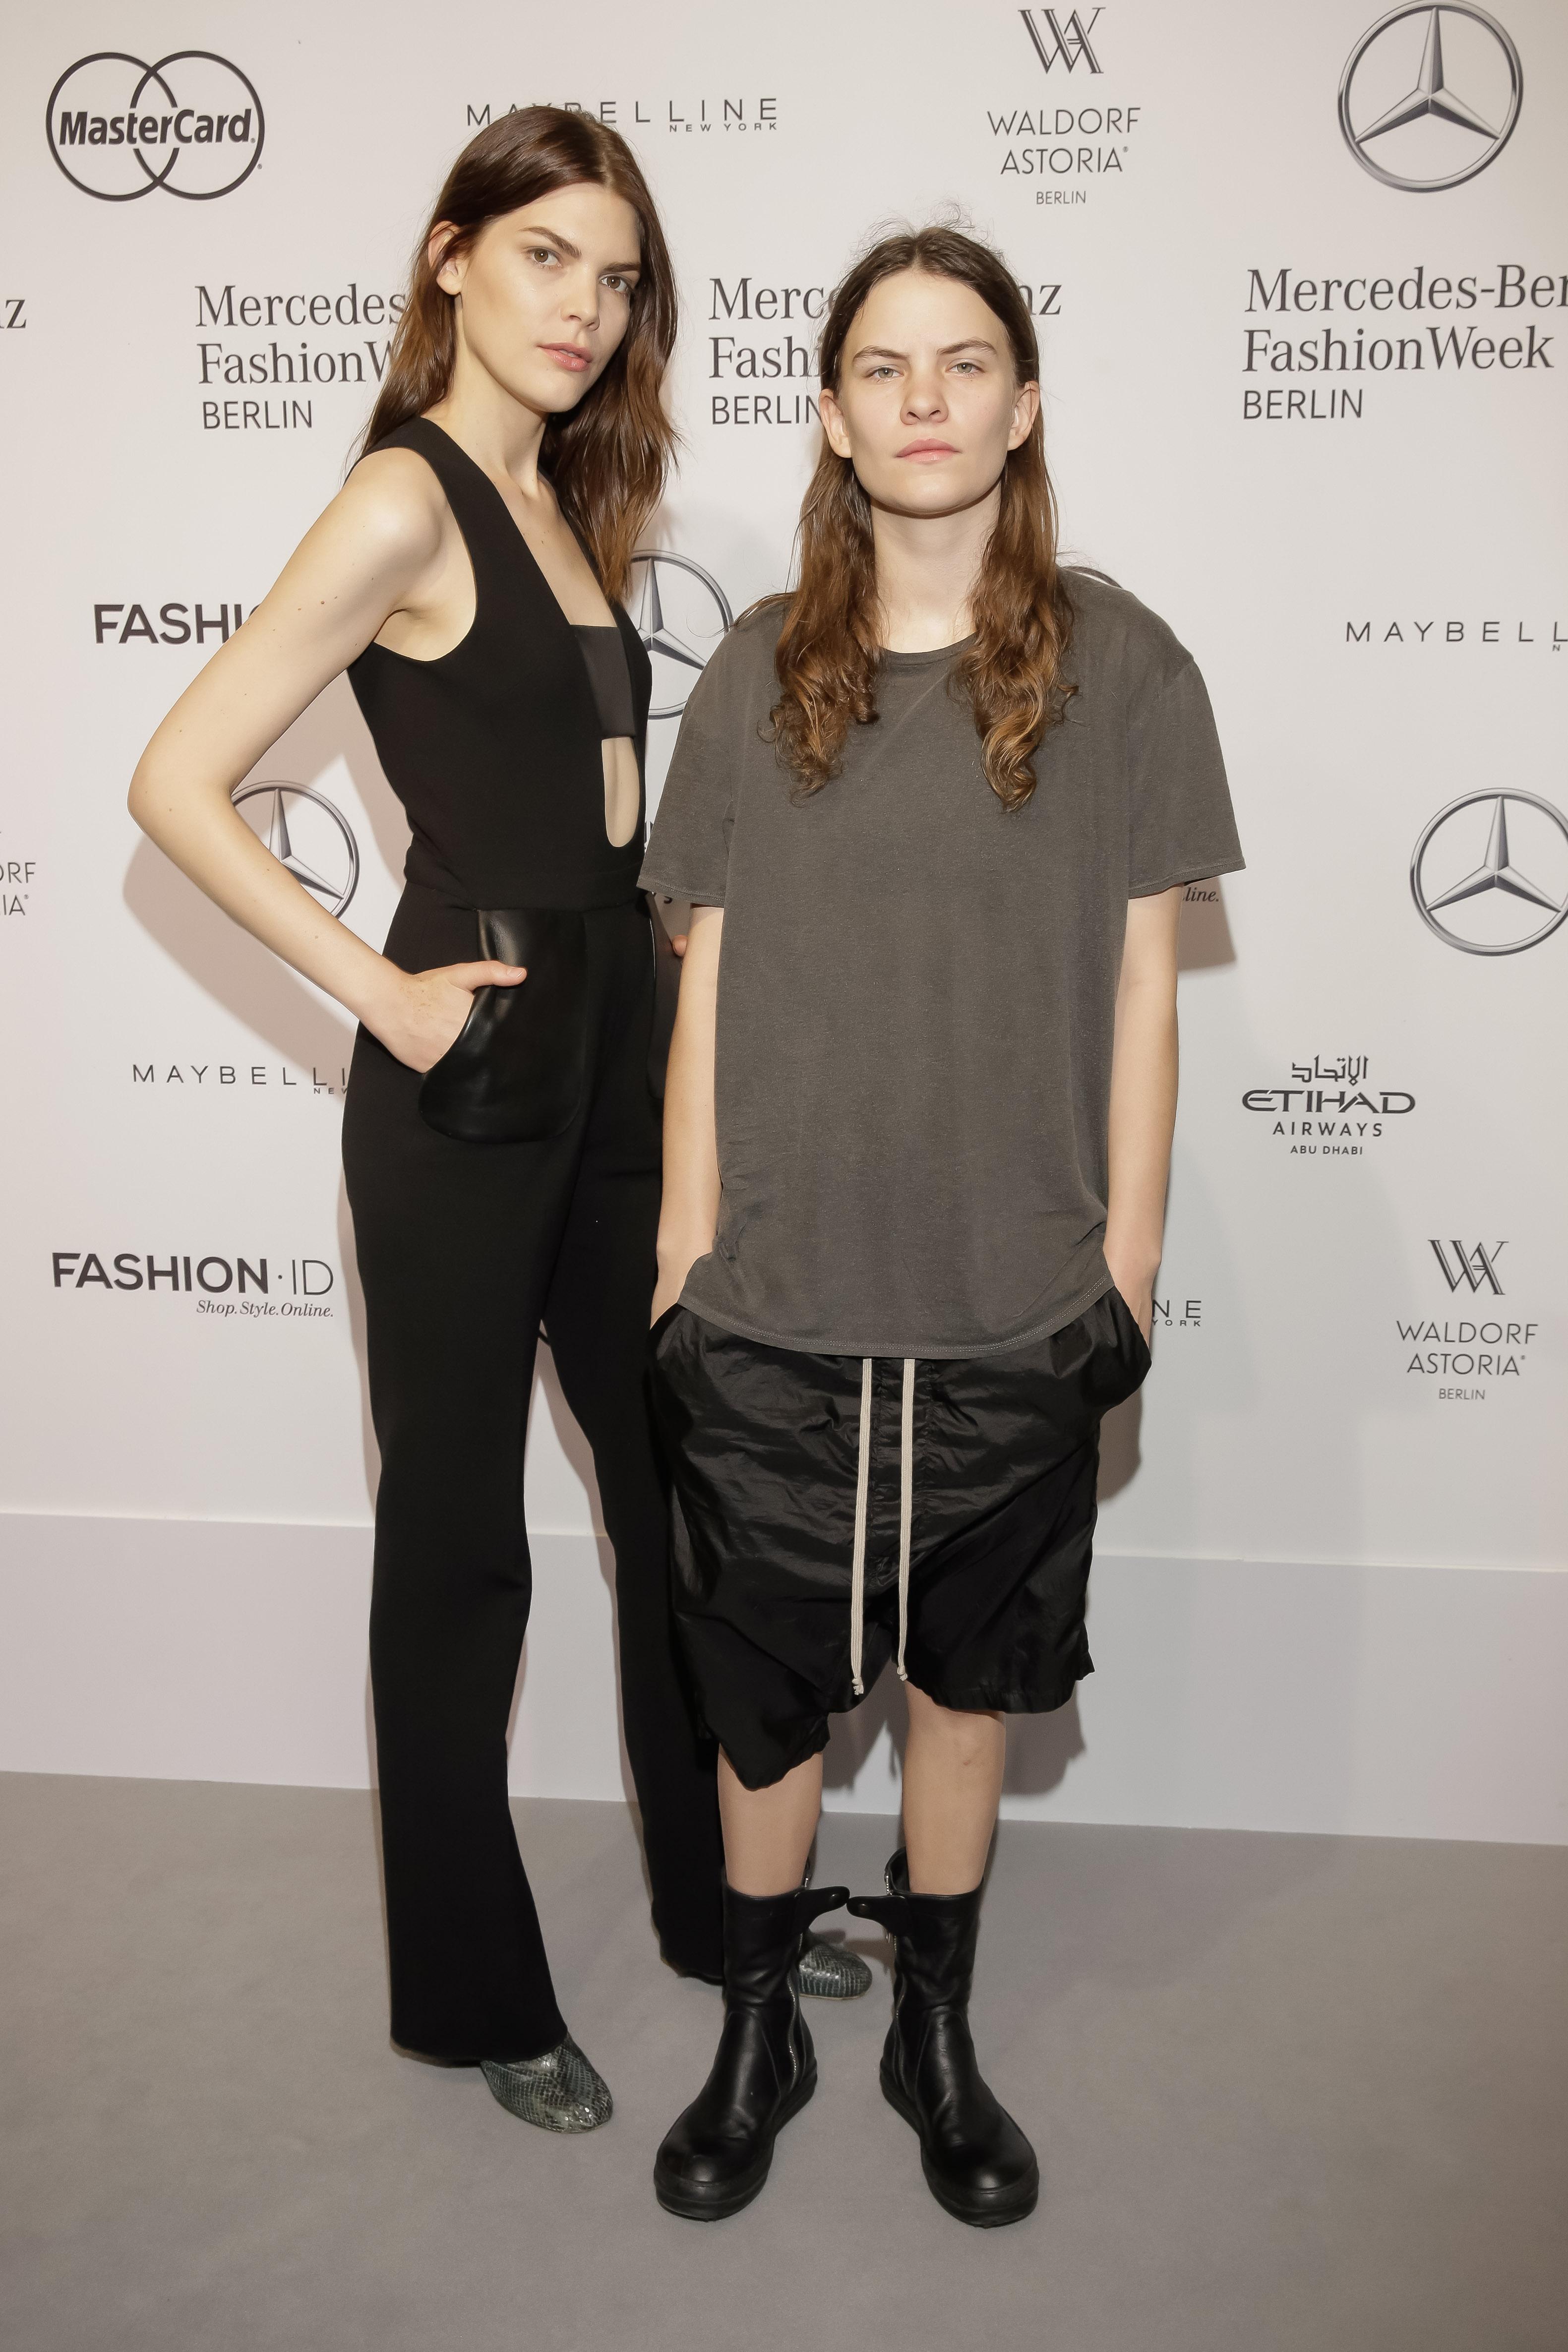 Singer Eliot Sumner and girlfriend Lucie von Alten star in the Mercedes Benz SS17 Berlin Fashion Week campaign